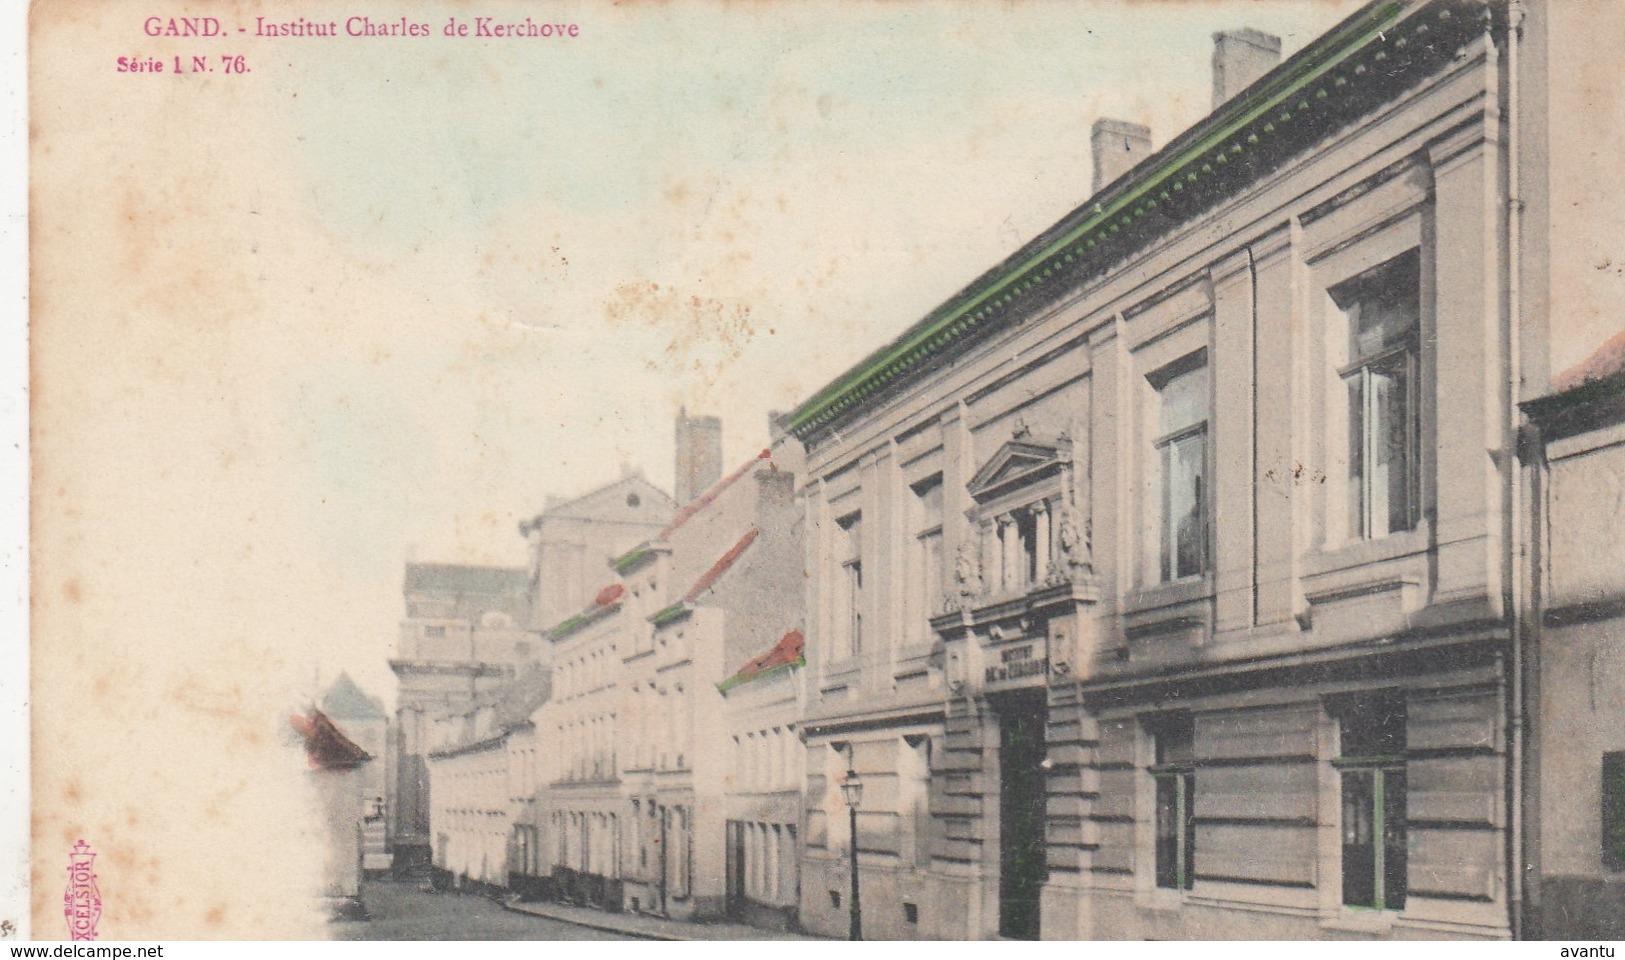 GENT  / INSTITUUT CHARLES DE KERCKHOVE / SUGG KAART  1907 - Gent